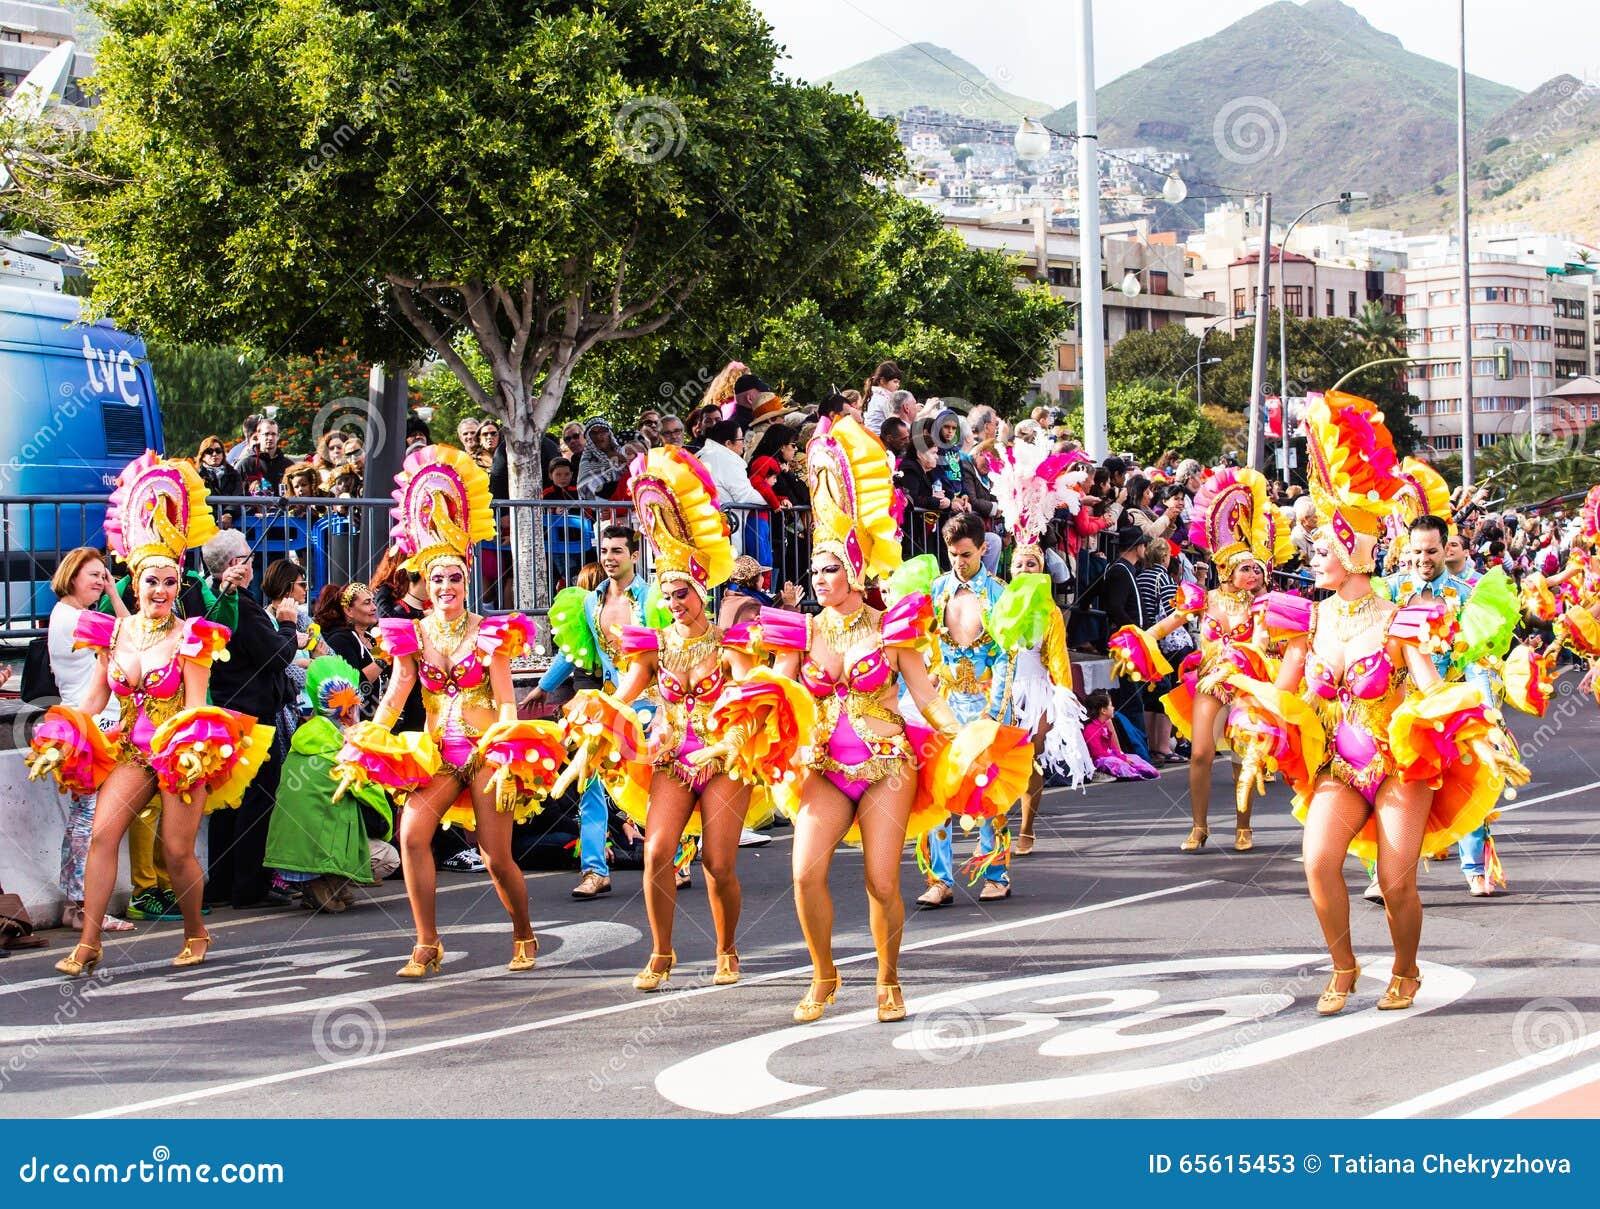 TENERIFFA, SPANIEN - 4. MÄRZ: Im berühmten Karneval Santa Cruz de Tenerife, die Charaktere und die Gruppen zum Rhythmus von